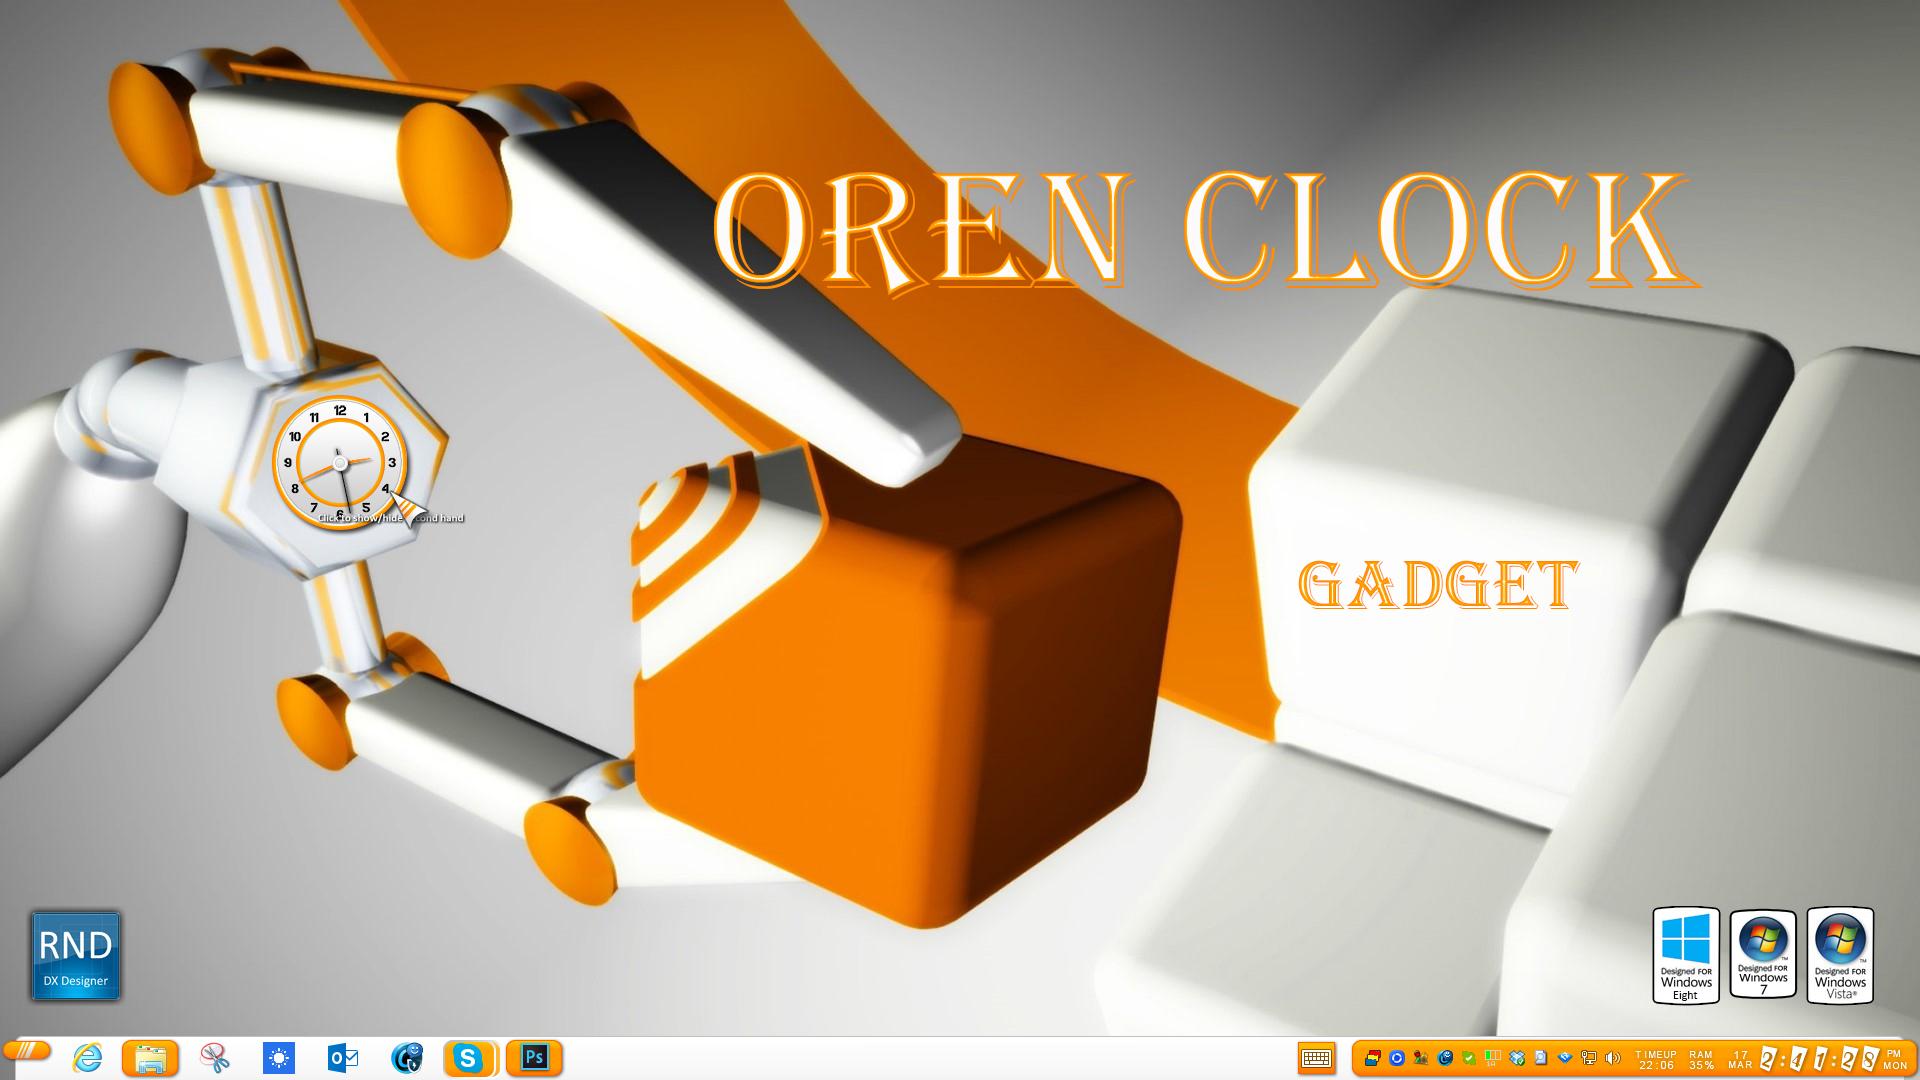 Oren Clock Gadget